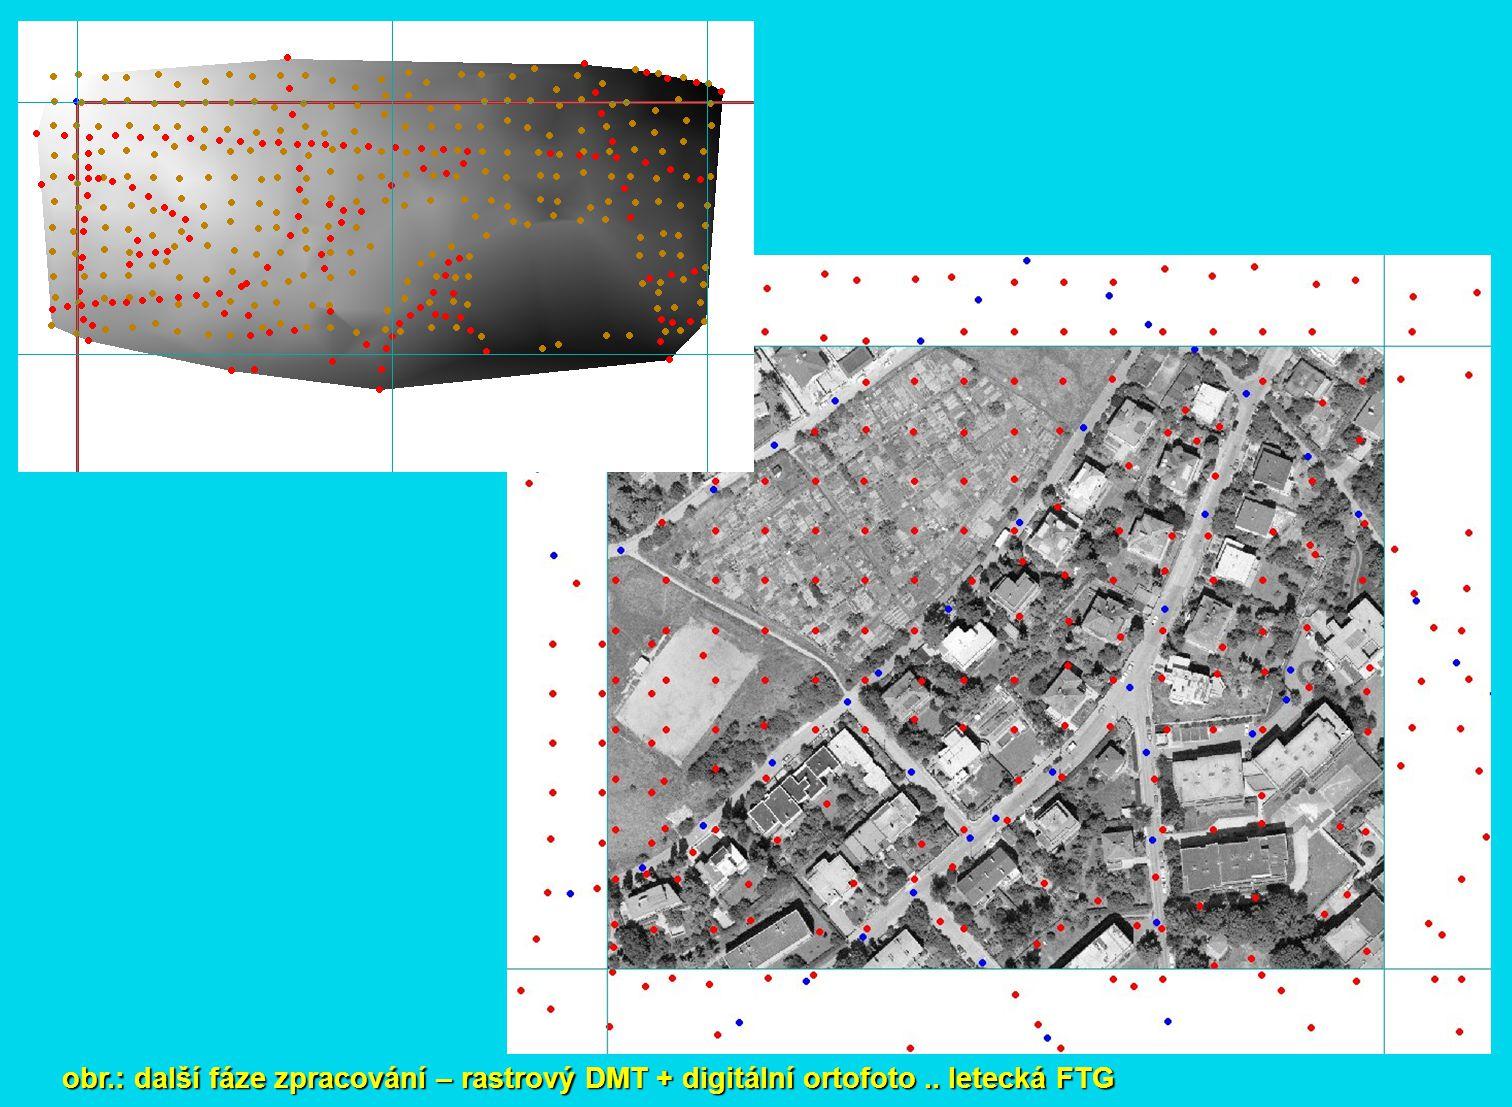 obr.: další fáze zpracování – rastrový DMT + digitální ortofoto.. letecká FTG